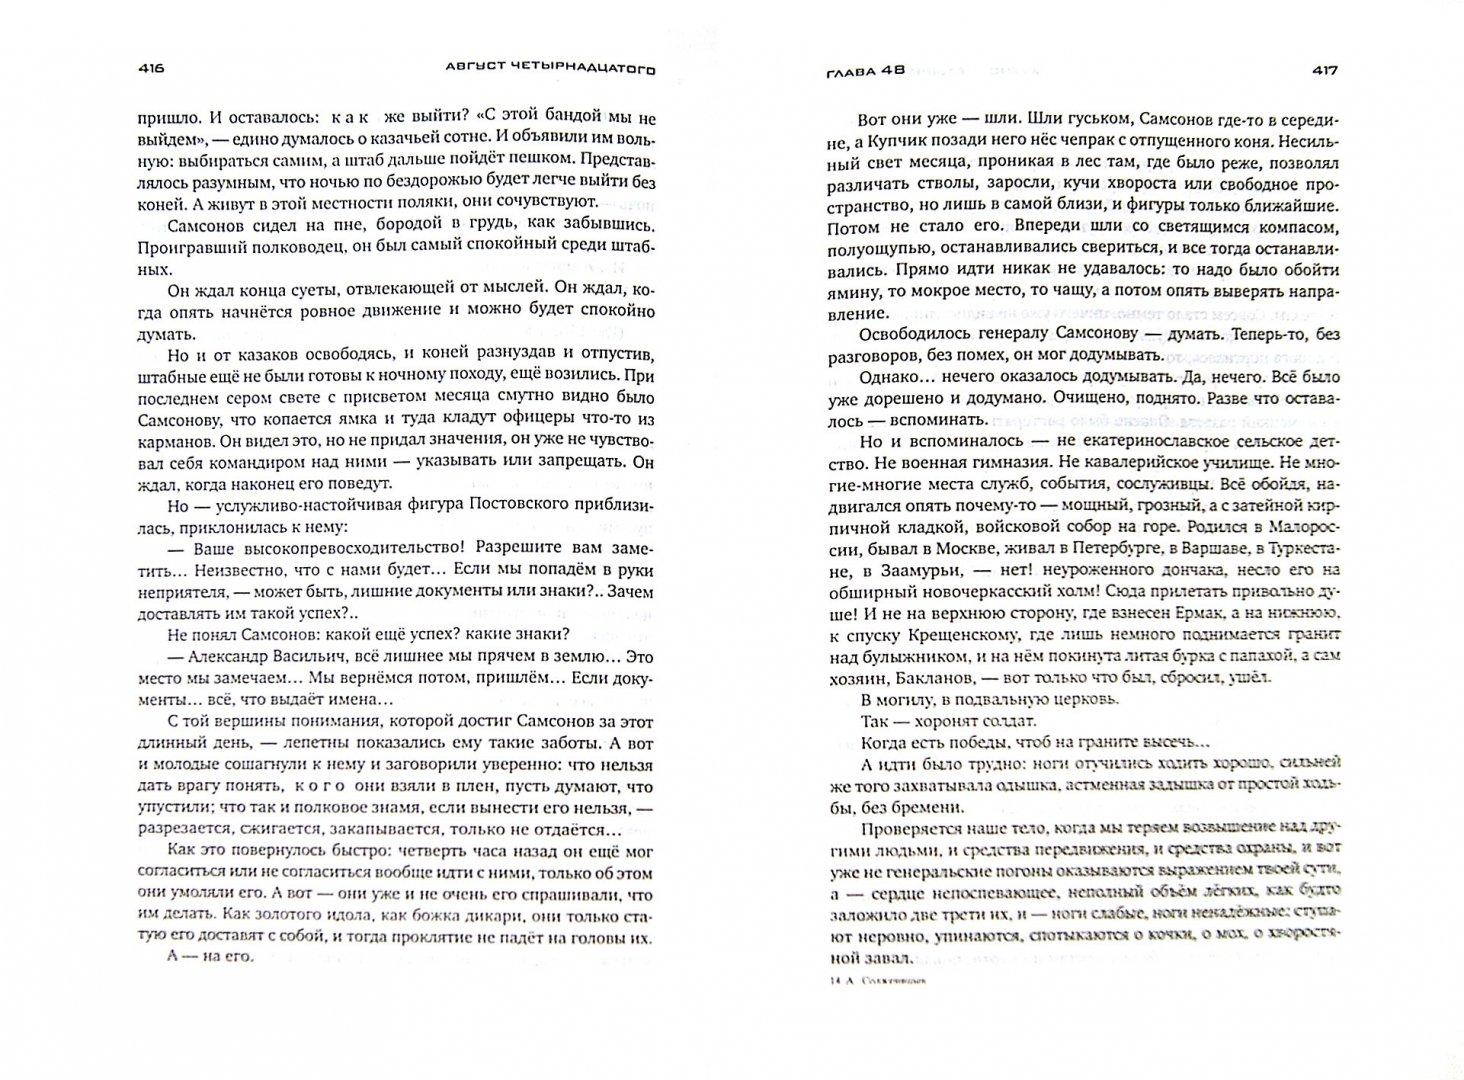 Иллюстрация 1 из 20 для Август Четырнадцатого. Красное Колесо - Александр Солженицын   Лабиринт - книги. Источник: Лабиринт